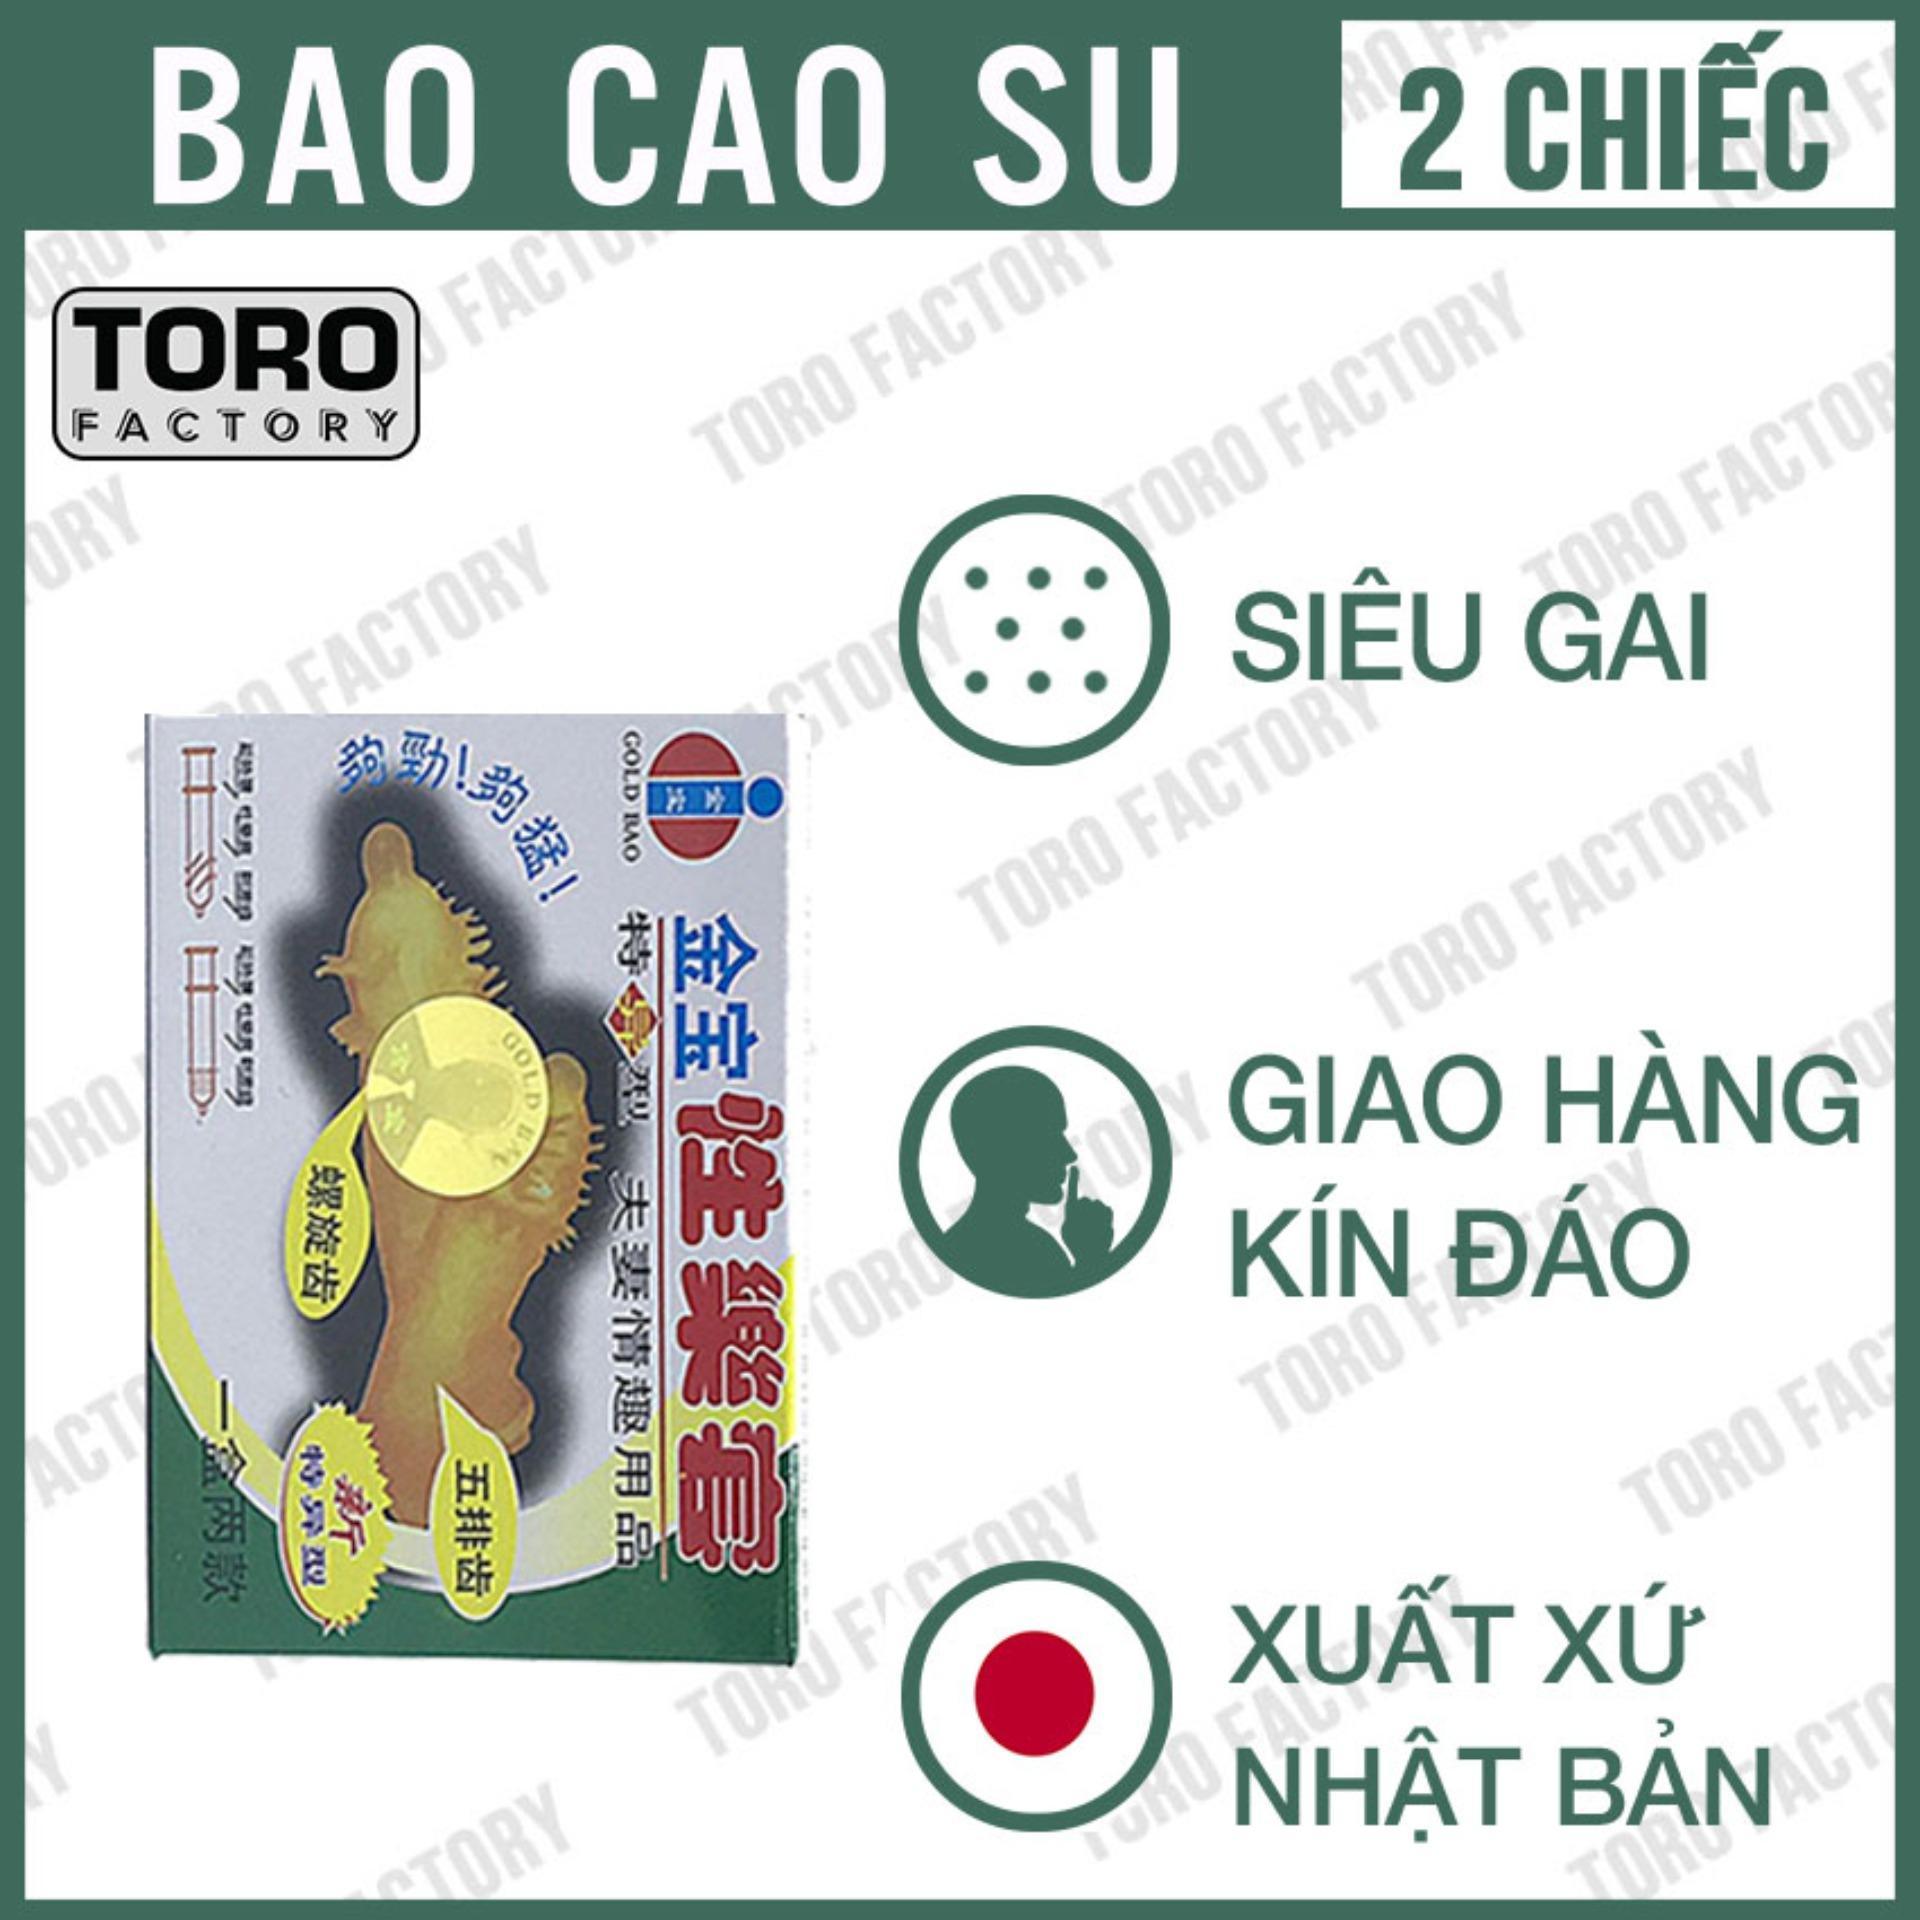 Bao cao su Gân, Gai siêu lớn Gold Gai - Hộp 2 chiếc - Toro nhập khẩu